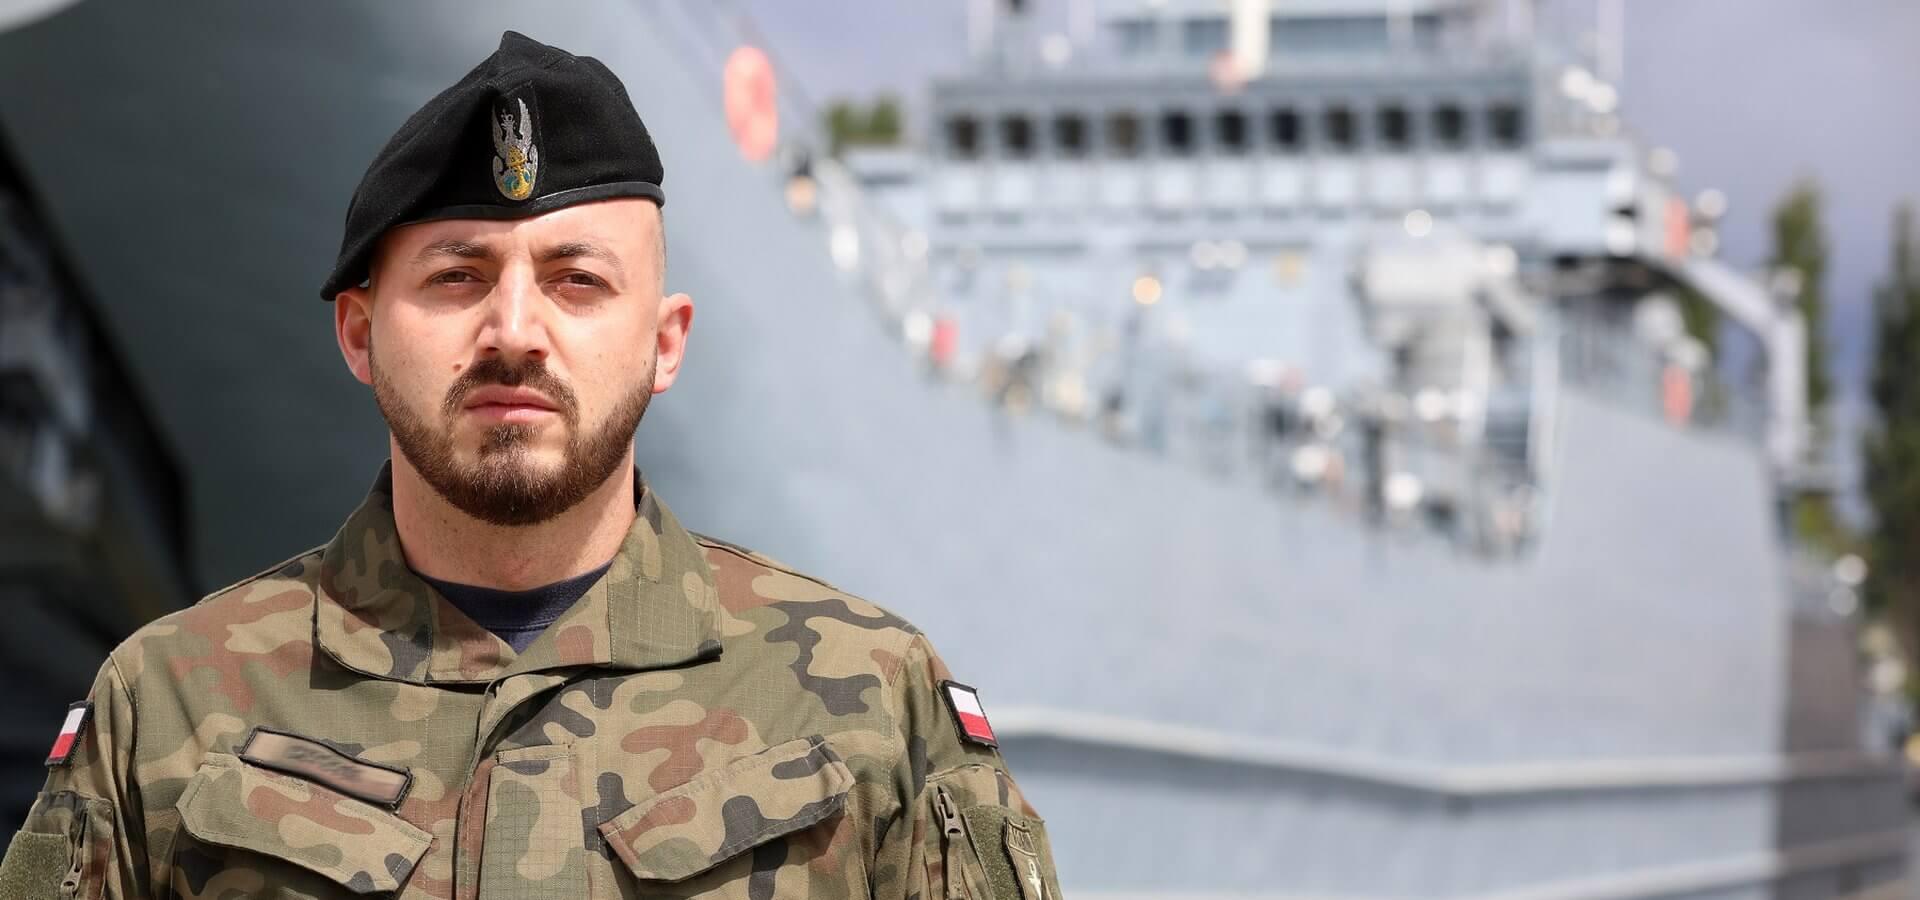 Świnoujście. Bohaterska postawa marynarza z 8. Flotylli Obrony Wybrzeża.